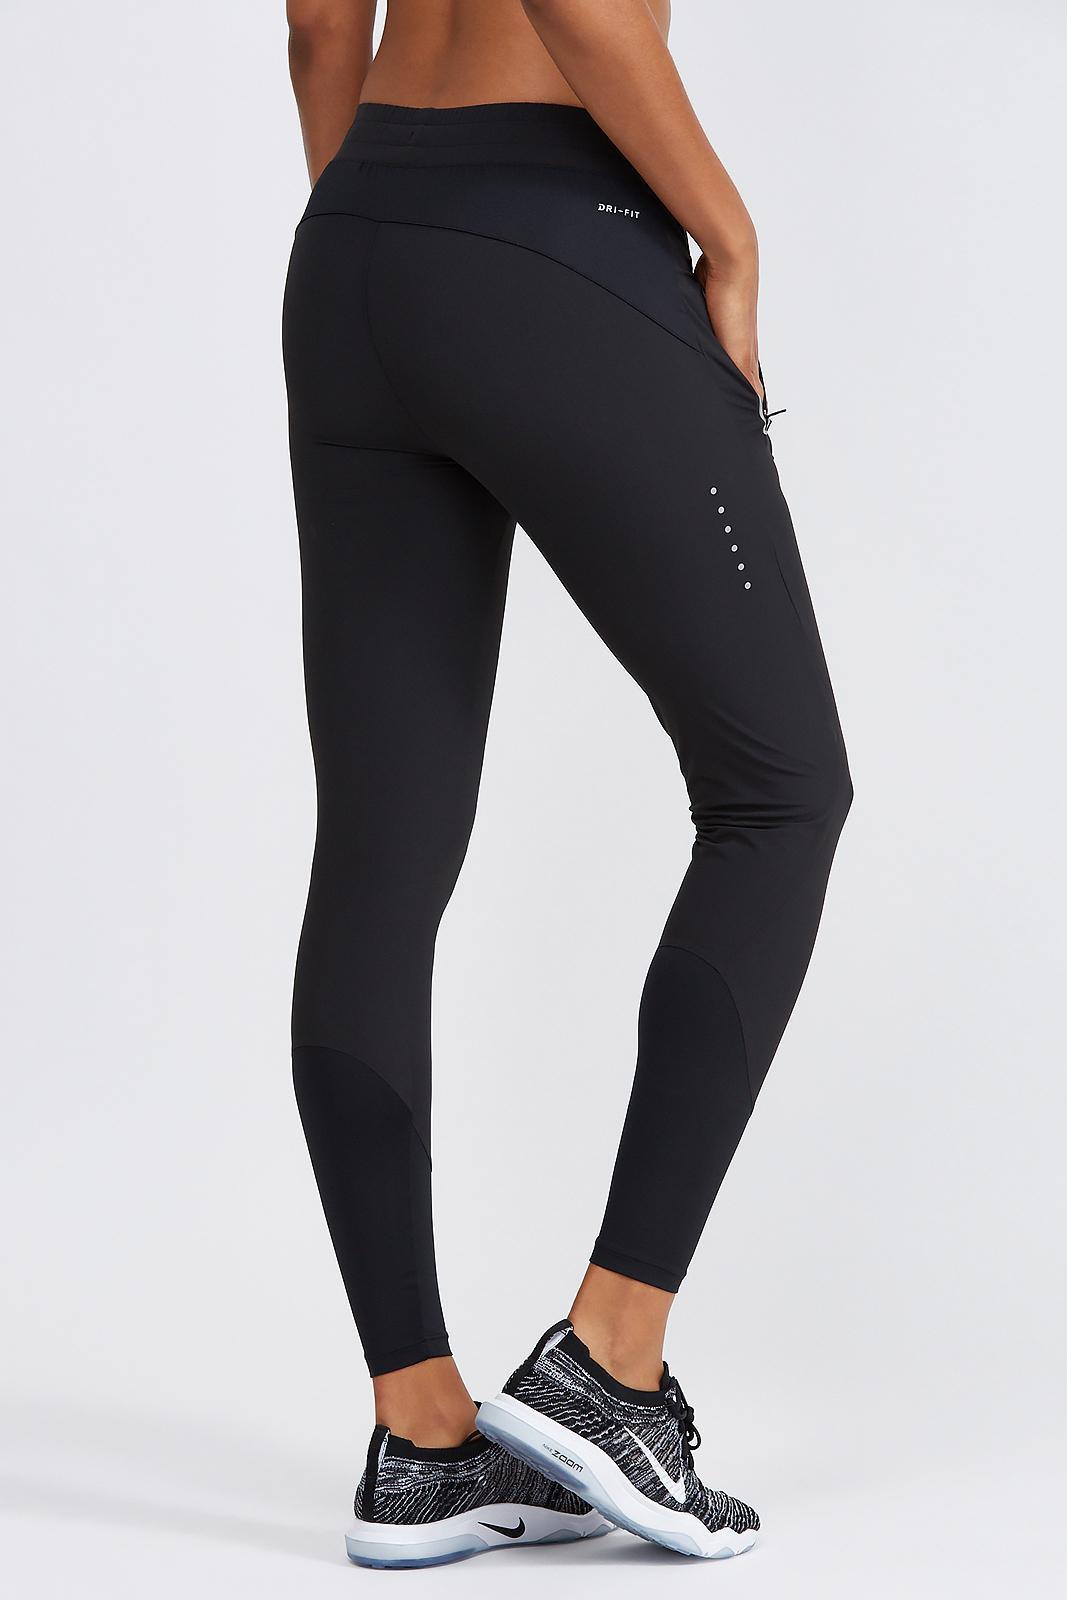 Nike Men's Flex Swift Running Pants | Sport Chek